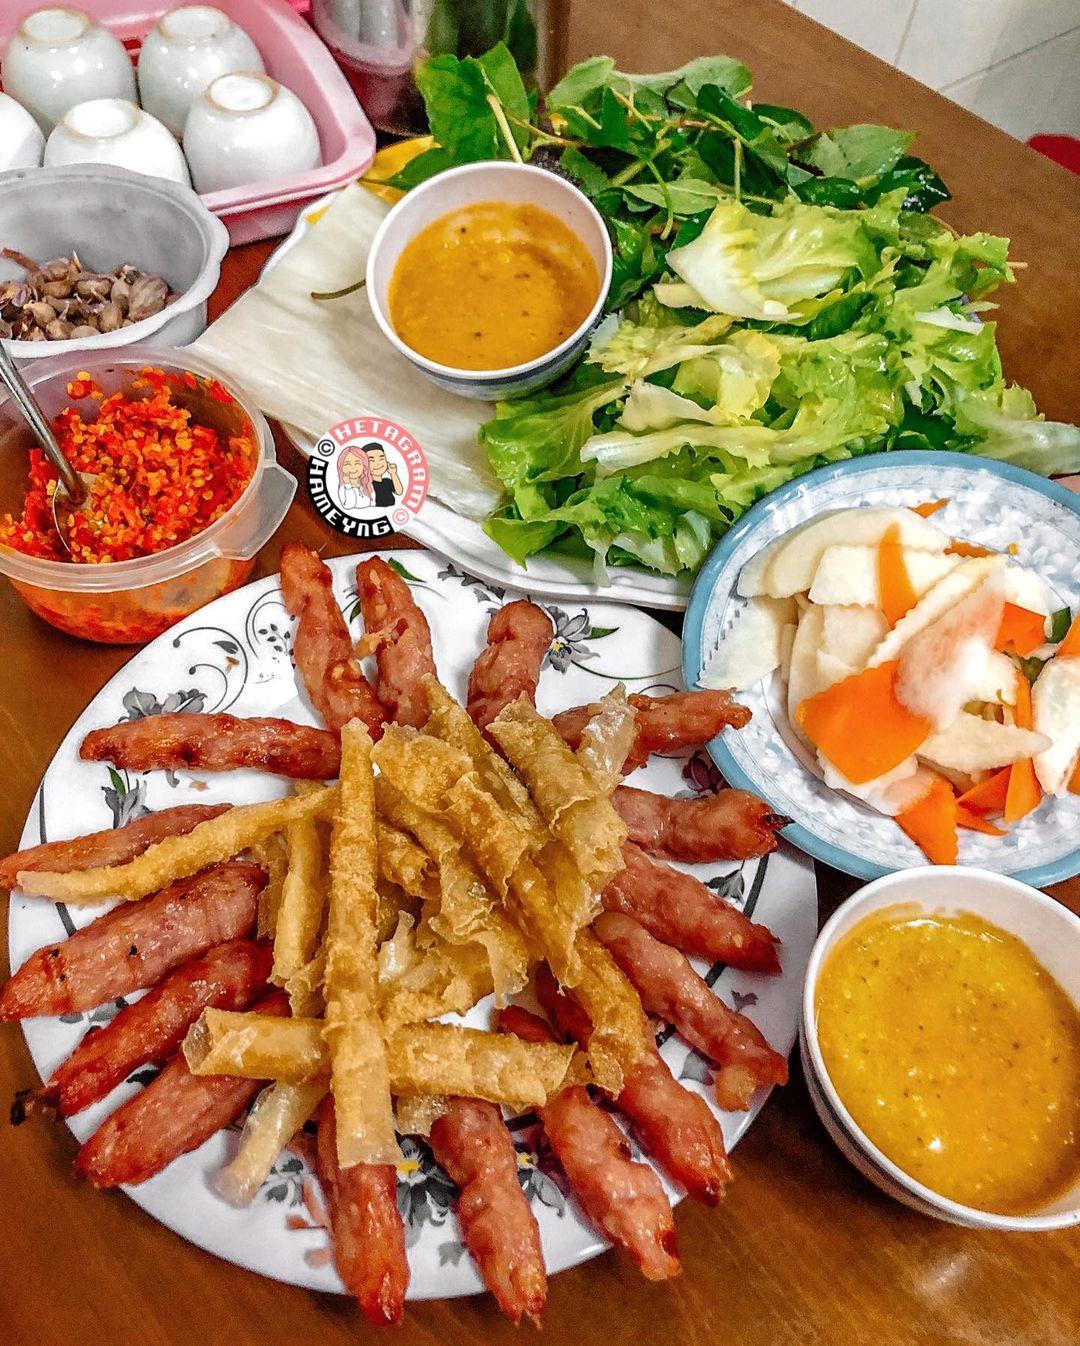 nem nuong ba hung